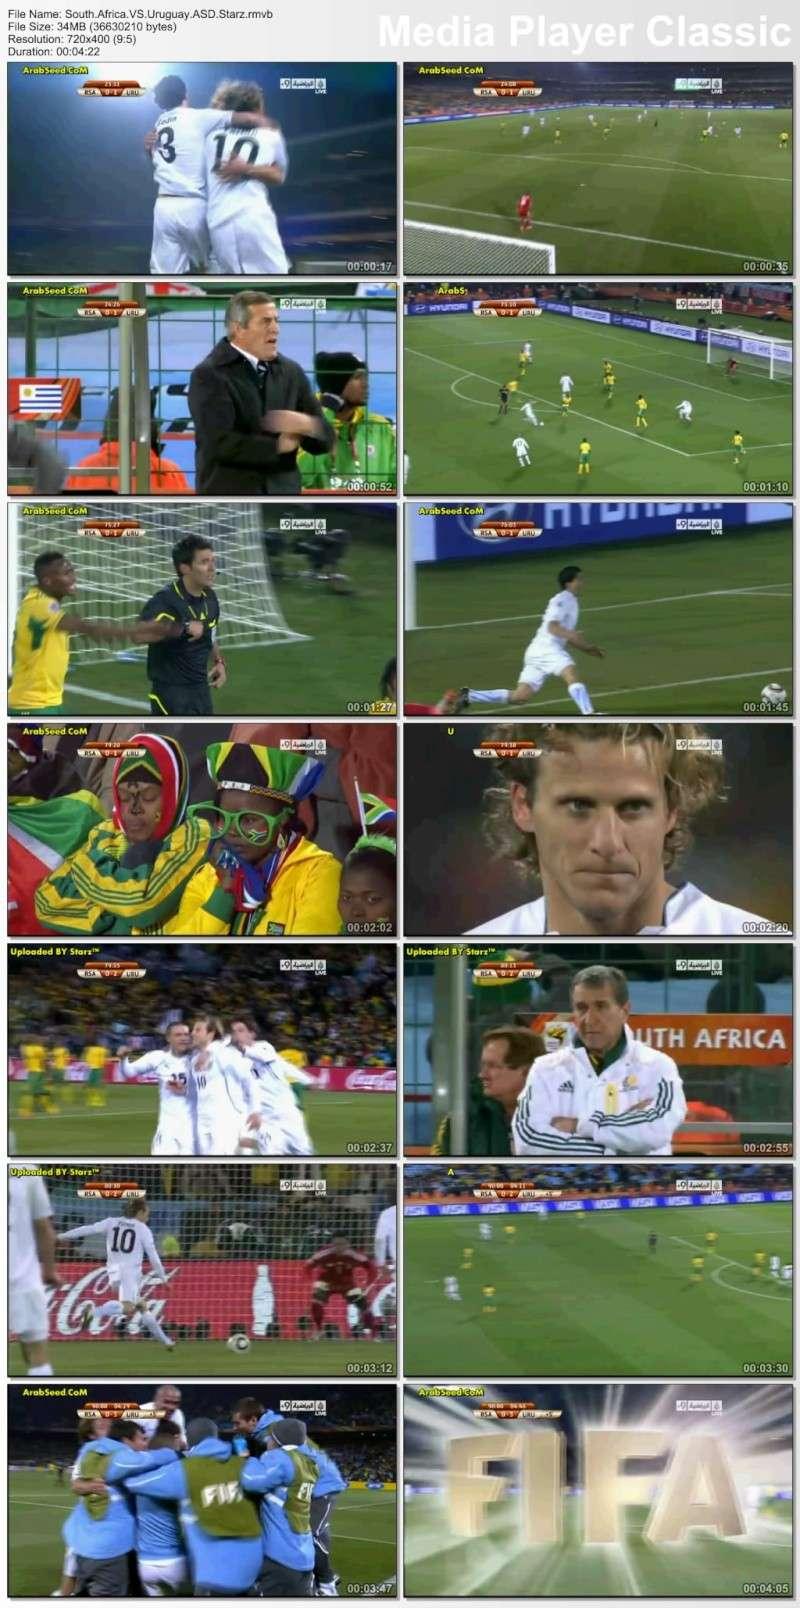 اهداف مباراة افريقيا اوروجواي العالم 2010